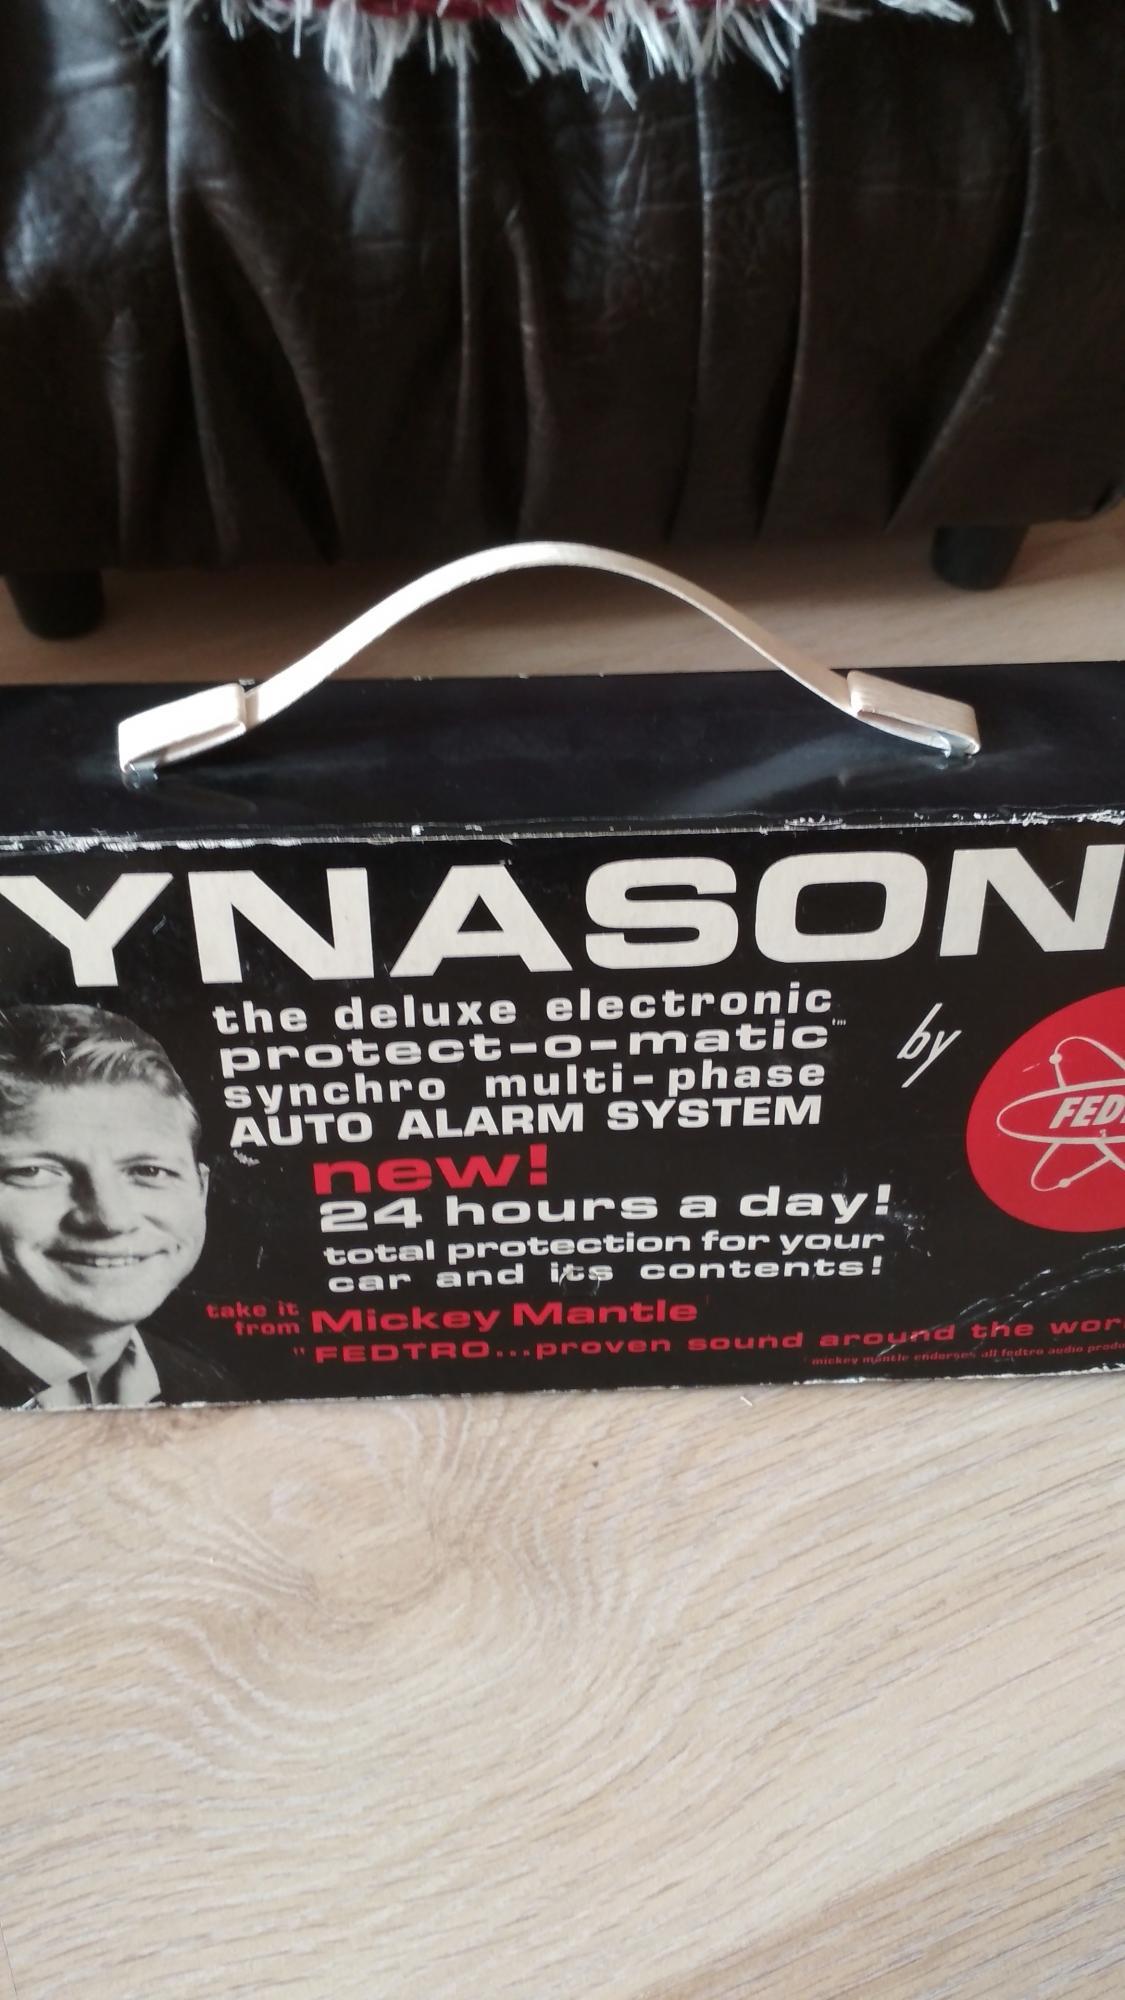 Автосигнализация Dynasonic Япония в Москве 89057945471 купить 4